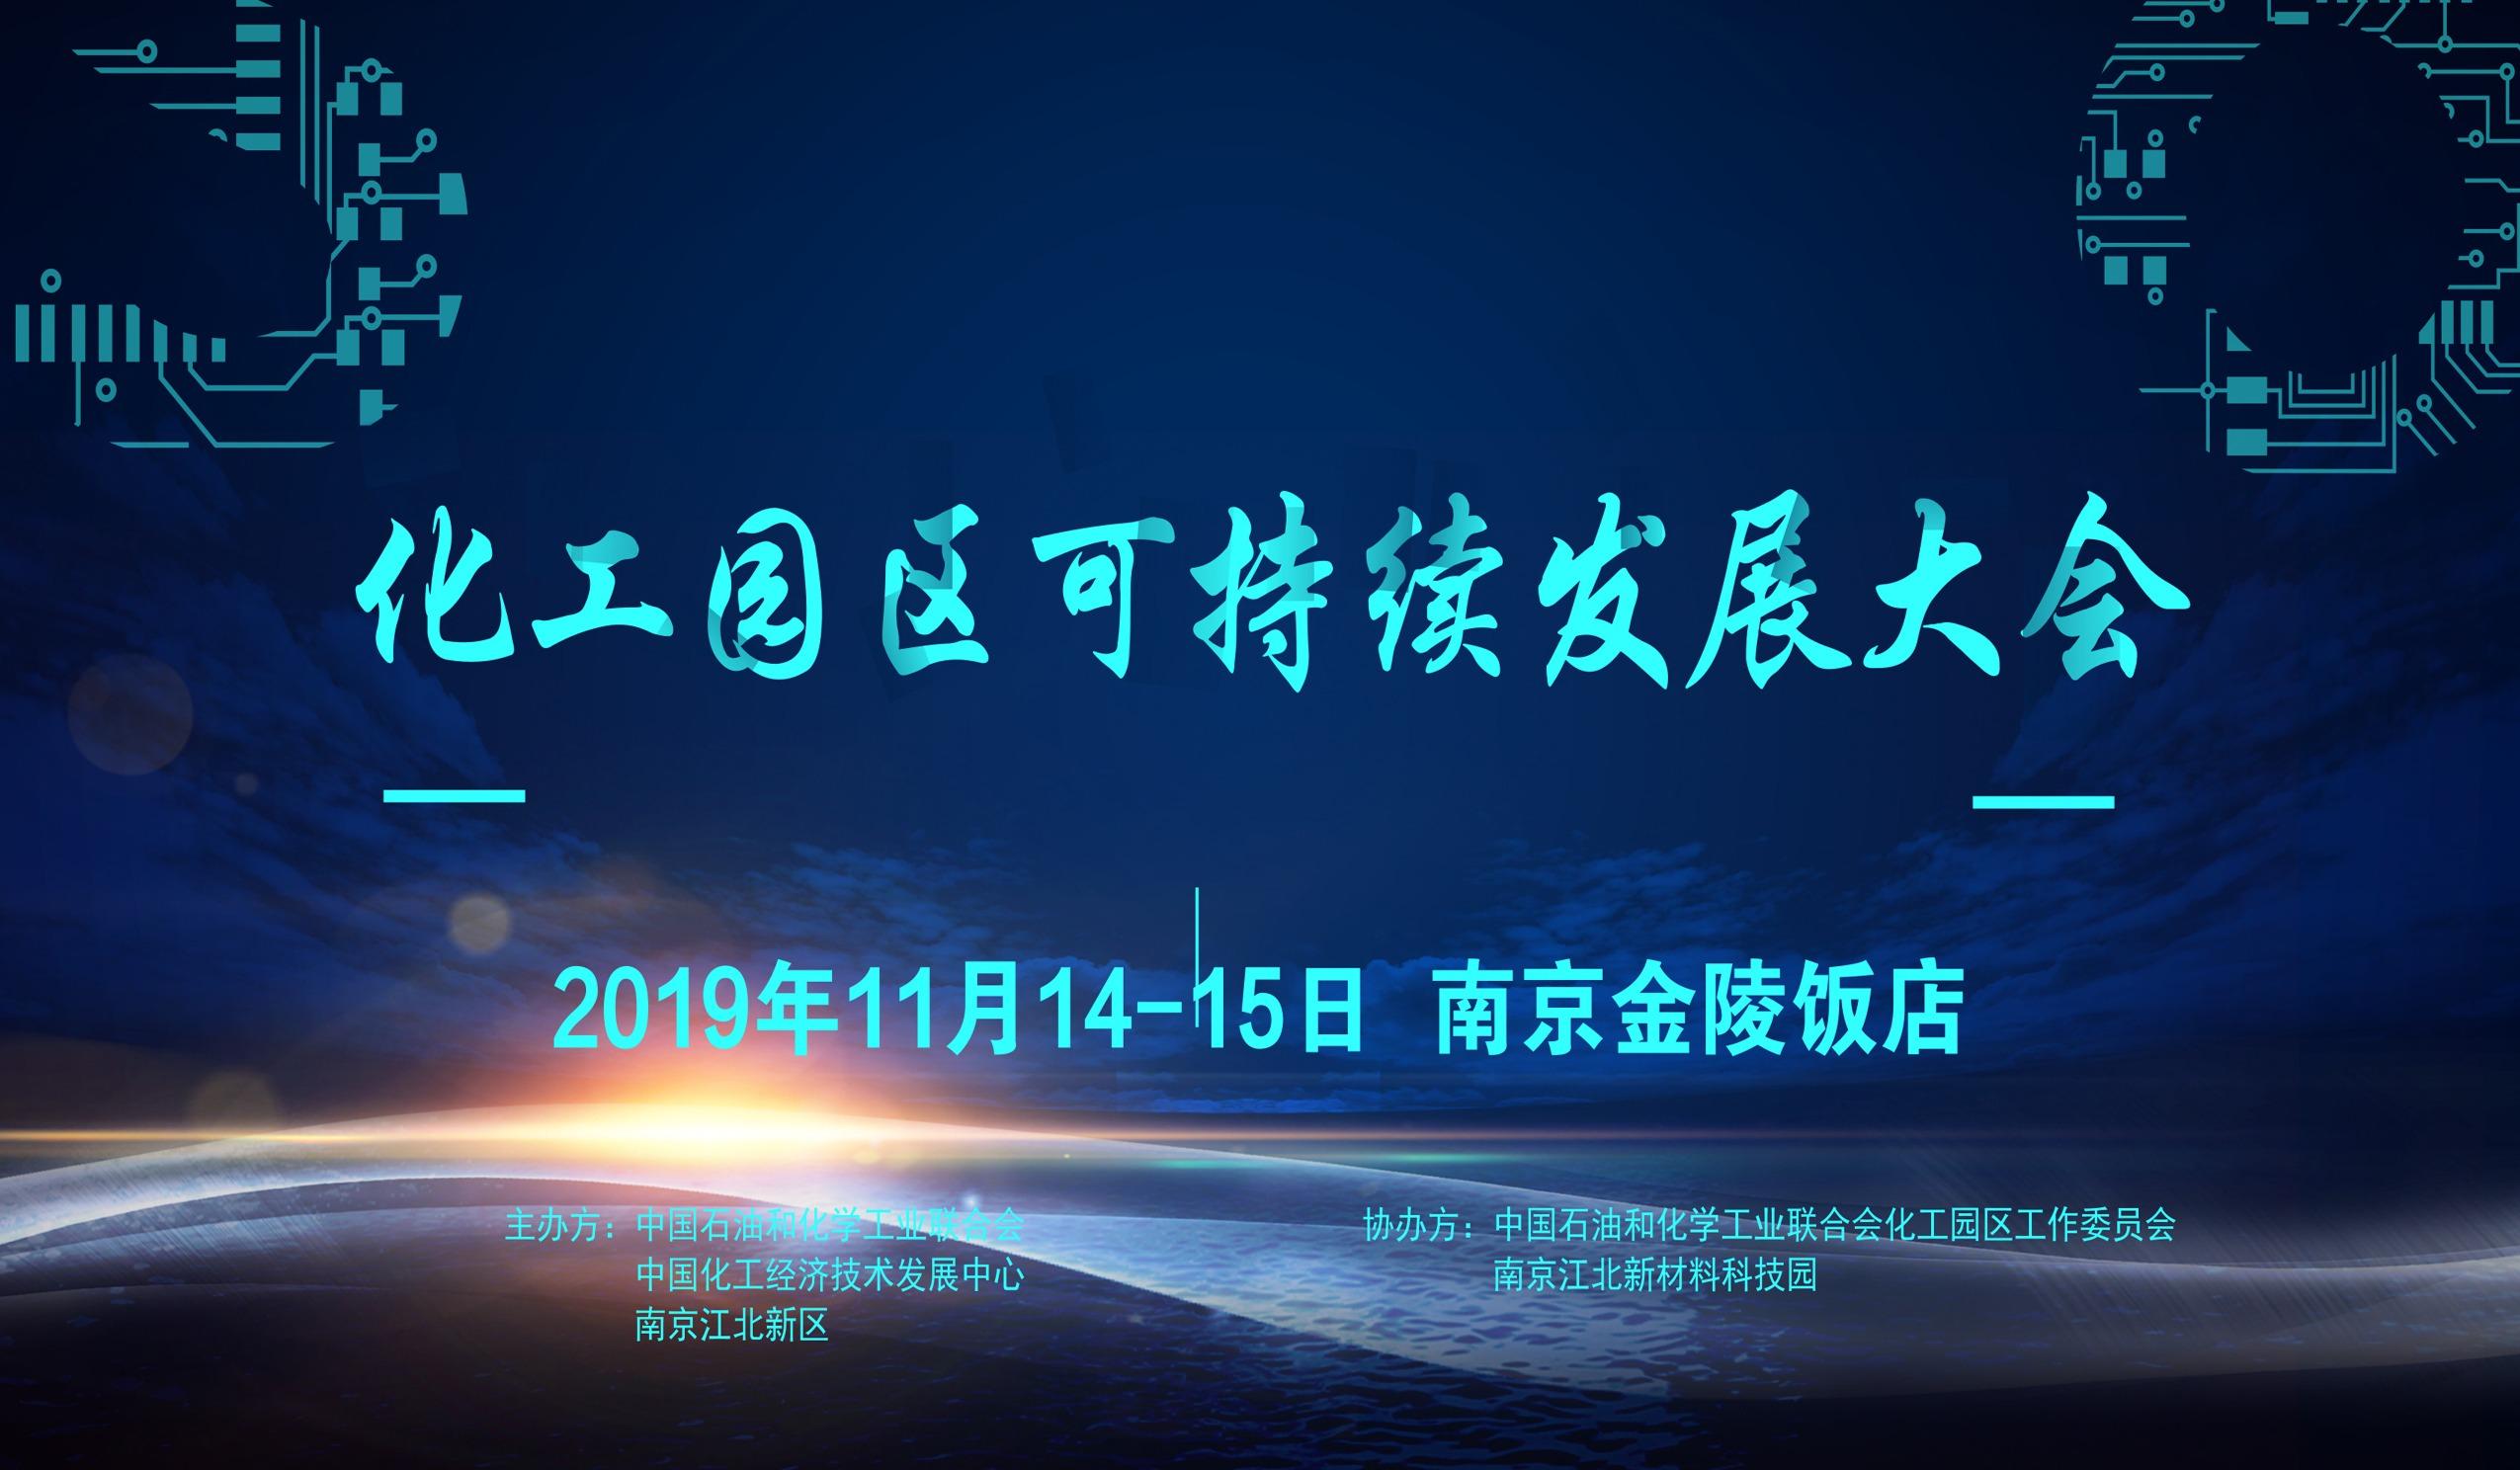 2019中国化工园区可持续发展大会